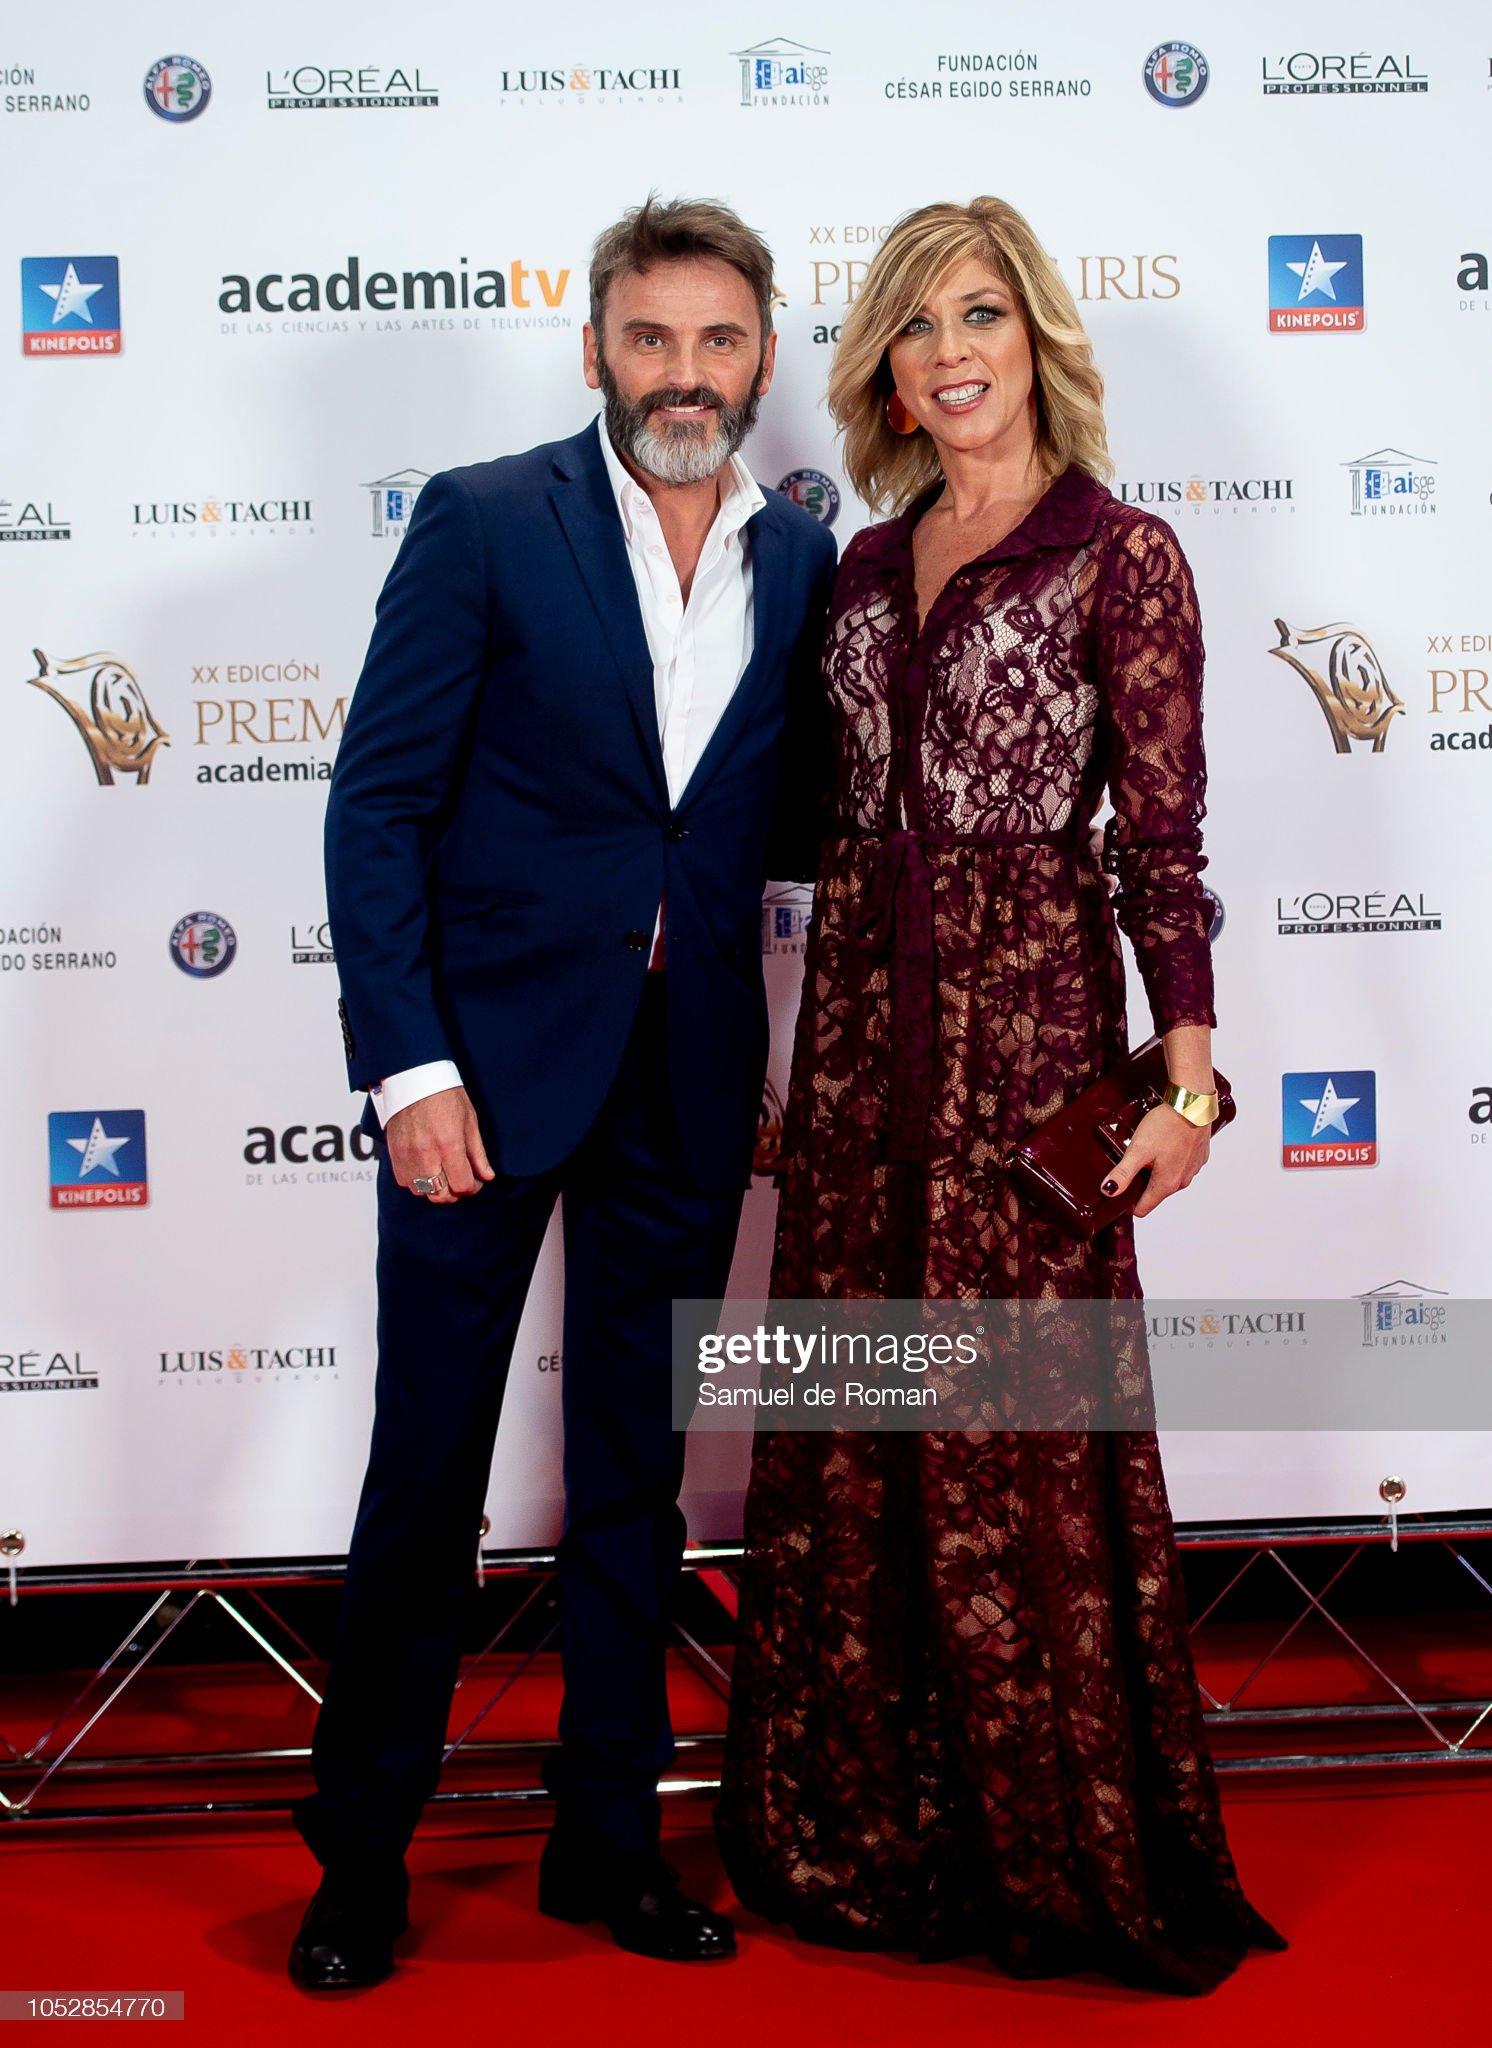 ¿Cuánto mide Eva Isanta? - Altura Fernando-tejero-and-eva-isanta-attend-iris-awards-photocall-on-23-picture-id1052854770?s=2048x2048